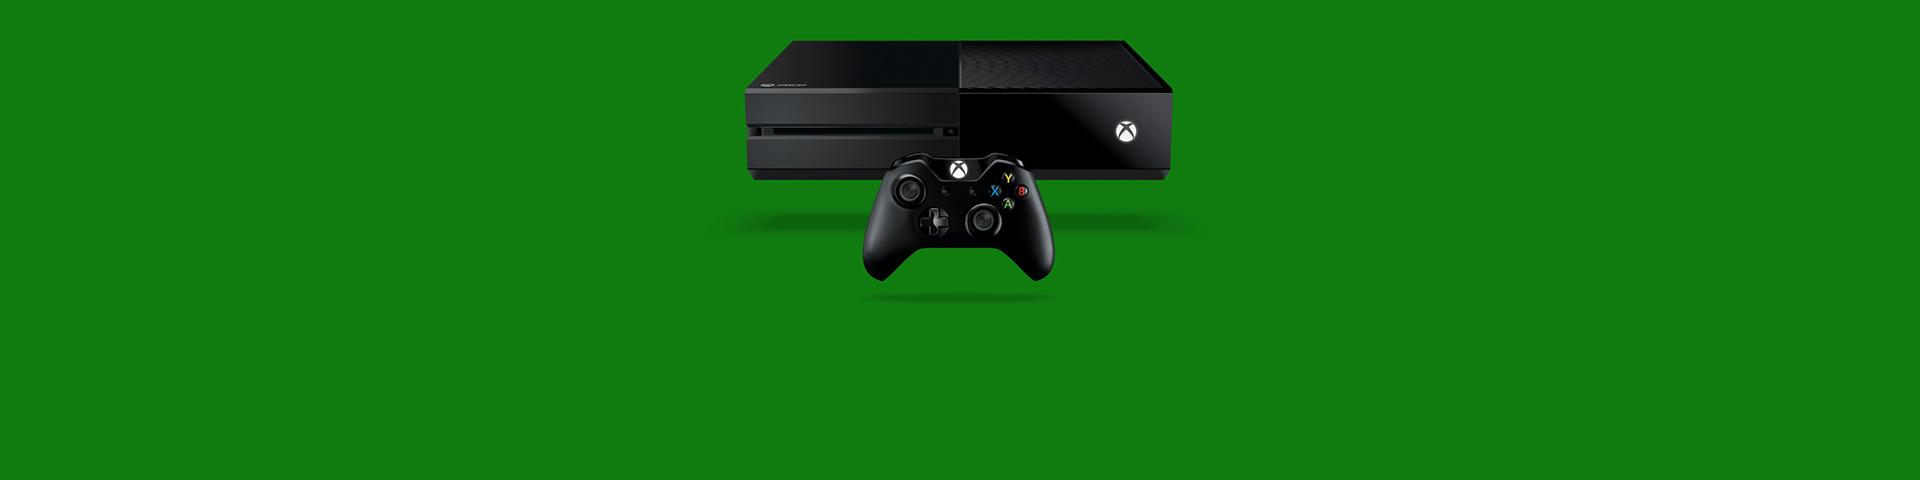 Консоль и контроллер Xbox One